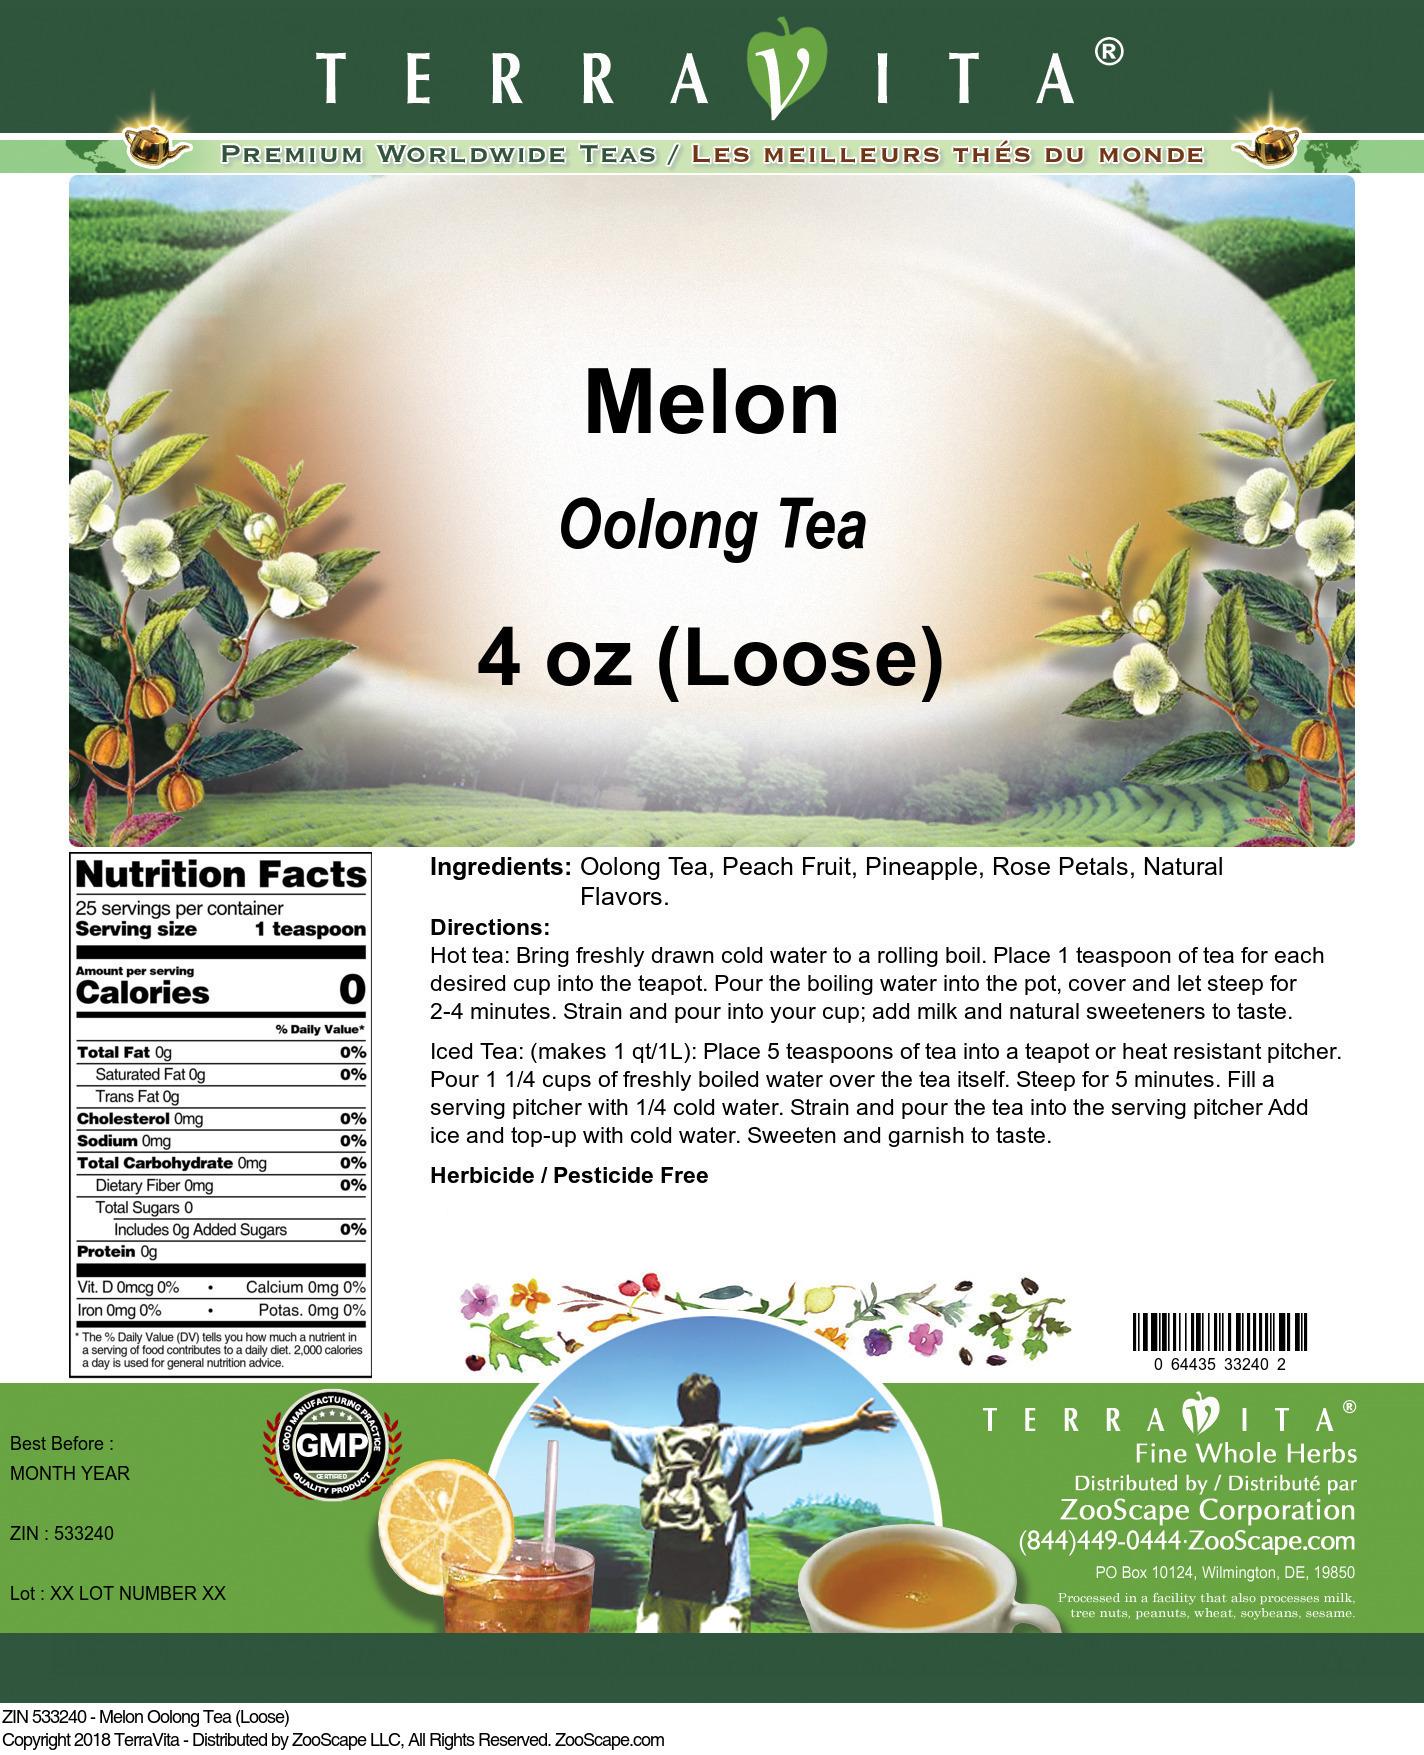 Melon Oolong Tea (Loose)